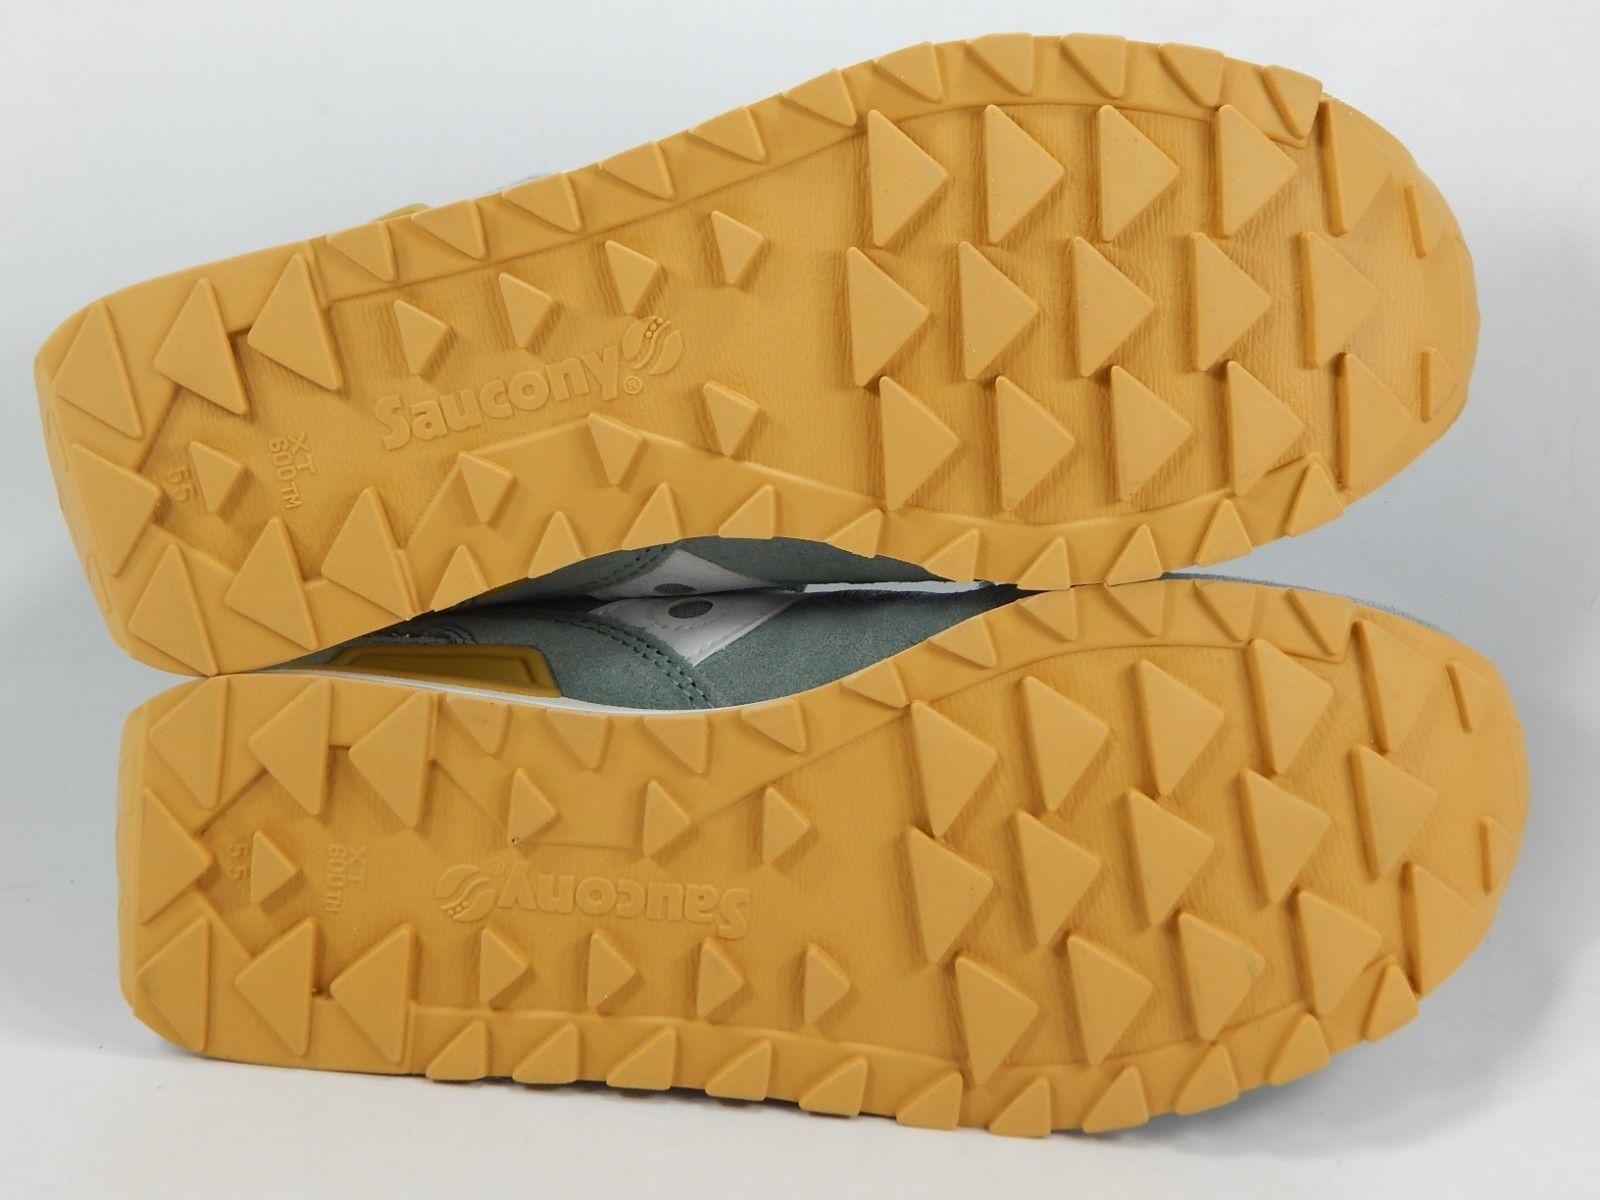 Saucony Shadow Original S1108-692 Women's Running Shoes Size 7 M (B) EU 38 Green